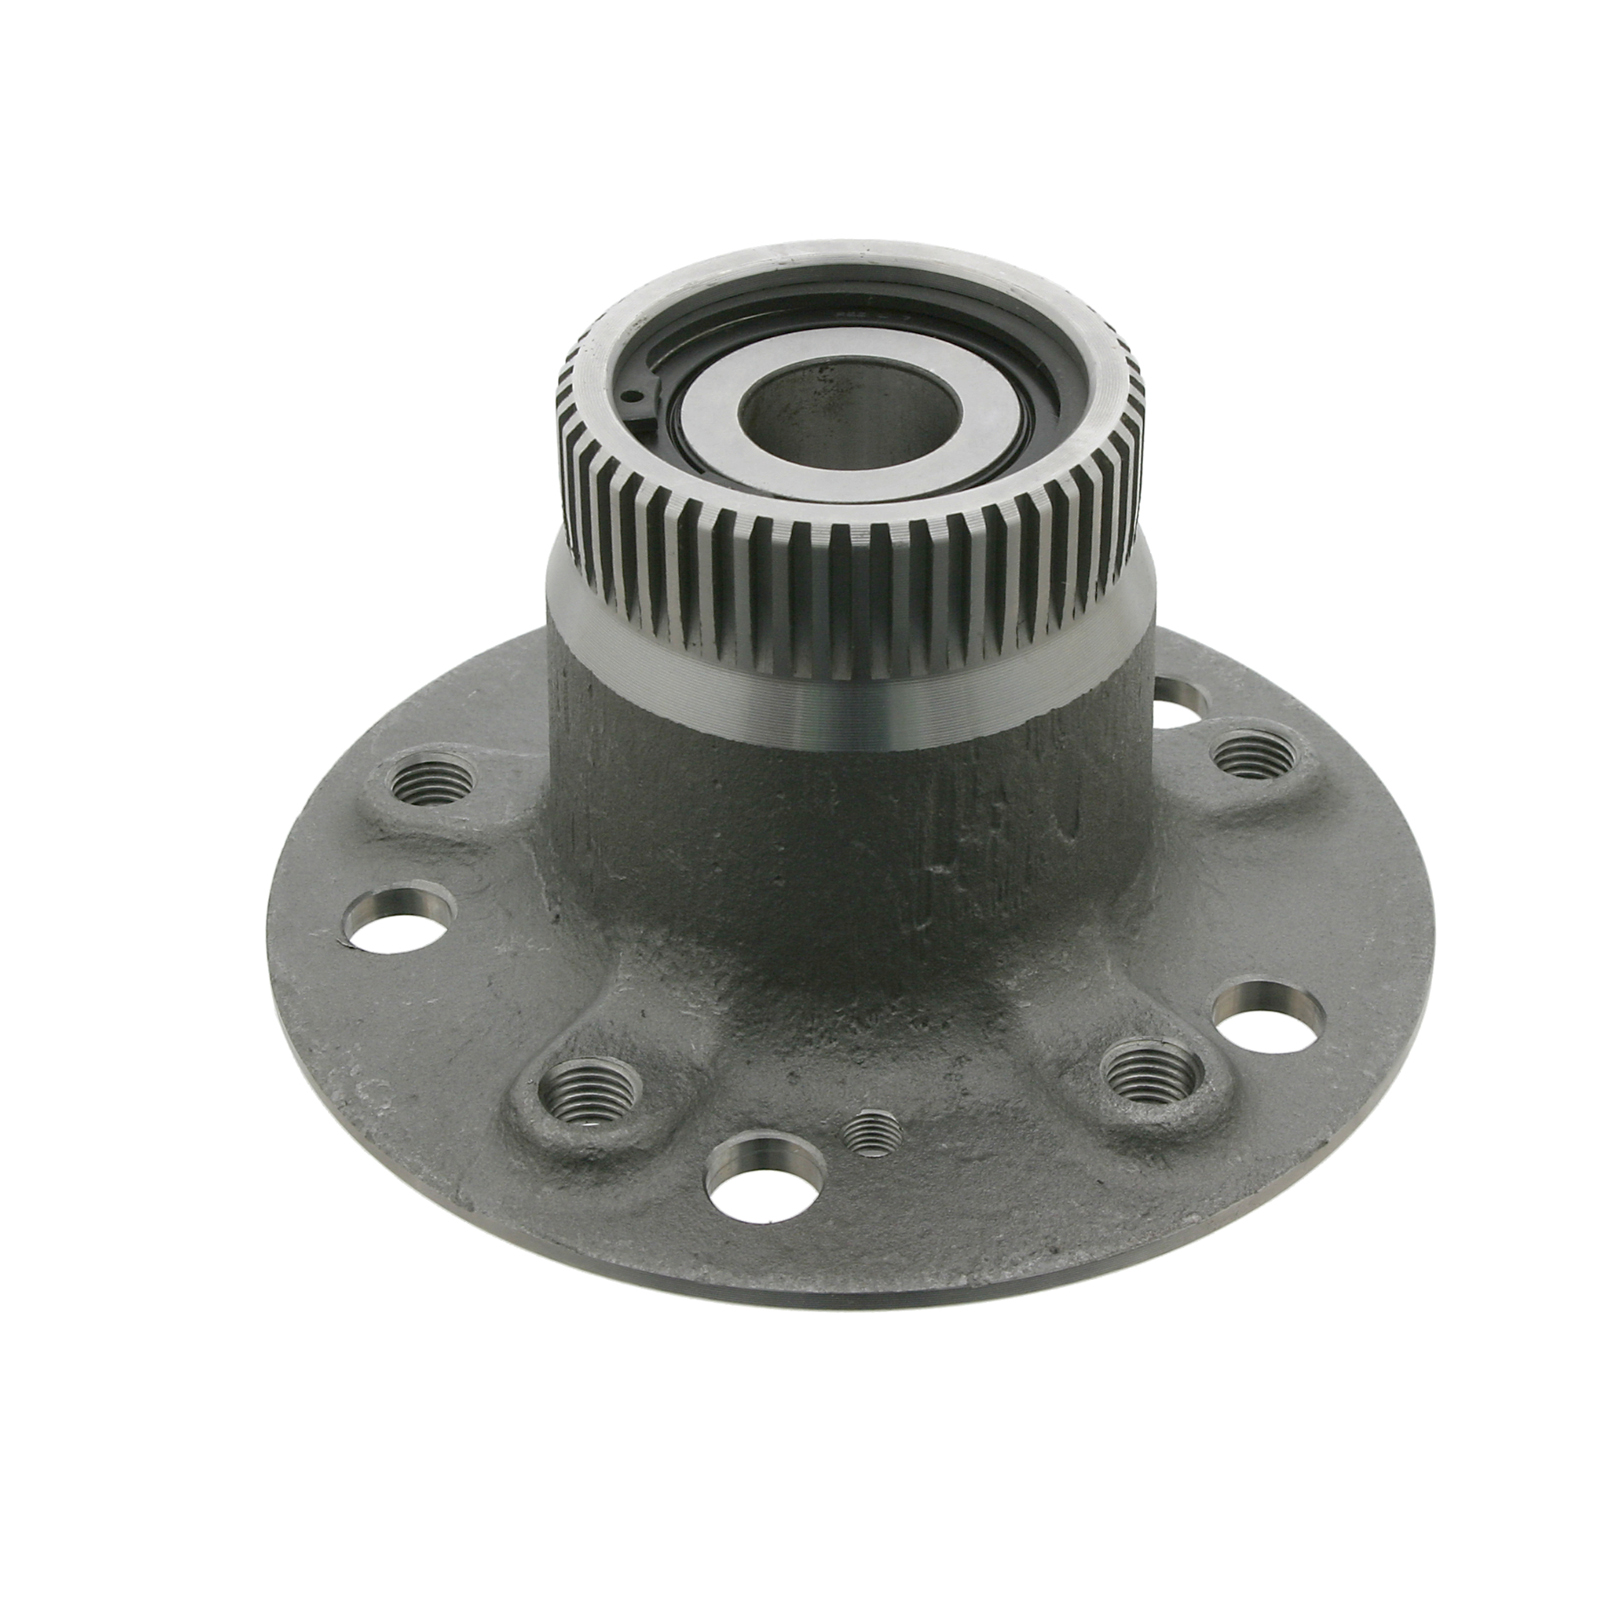 FEBI 28382 Radlagersatz Radnabe MERCEDES W168 A140-190 A160-170 CDI hinten A1683500335